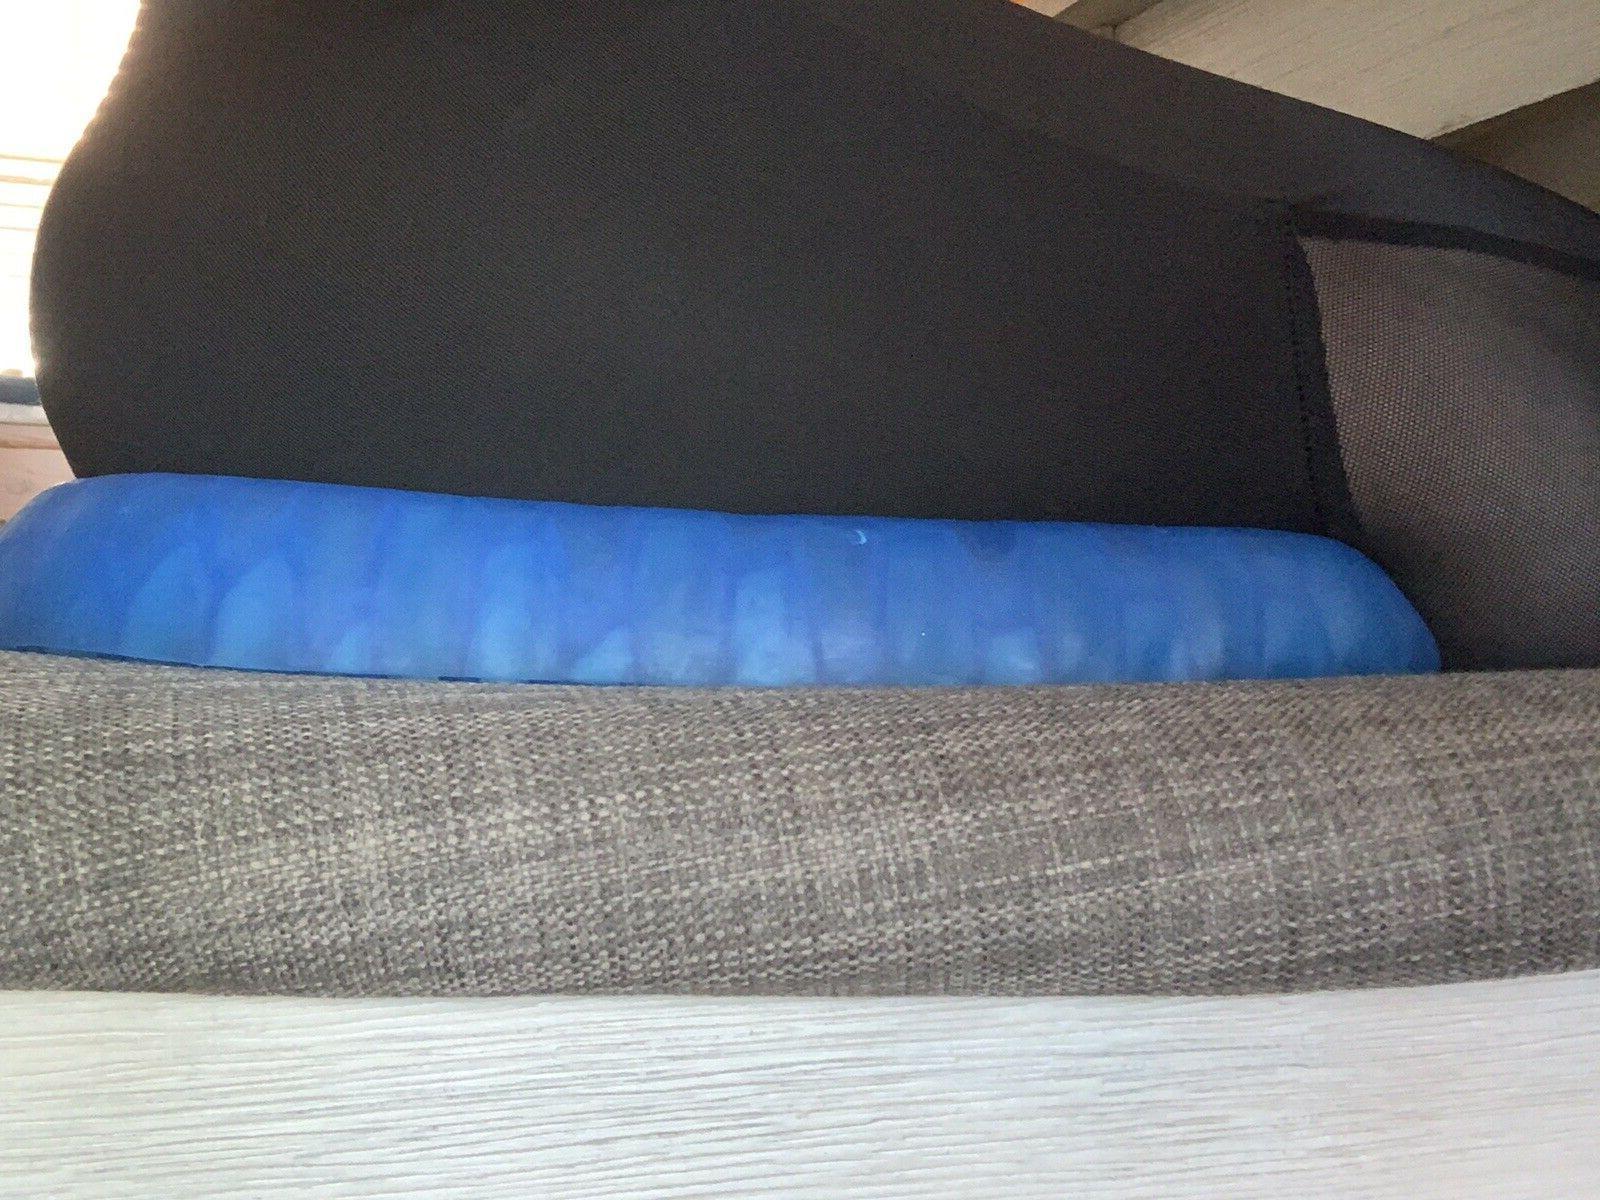 Egg Cushion Sitter Flex Pillow Back Support On An